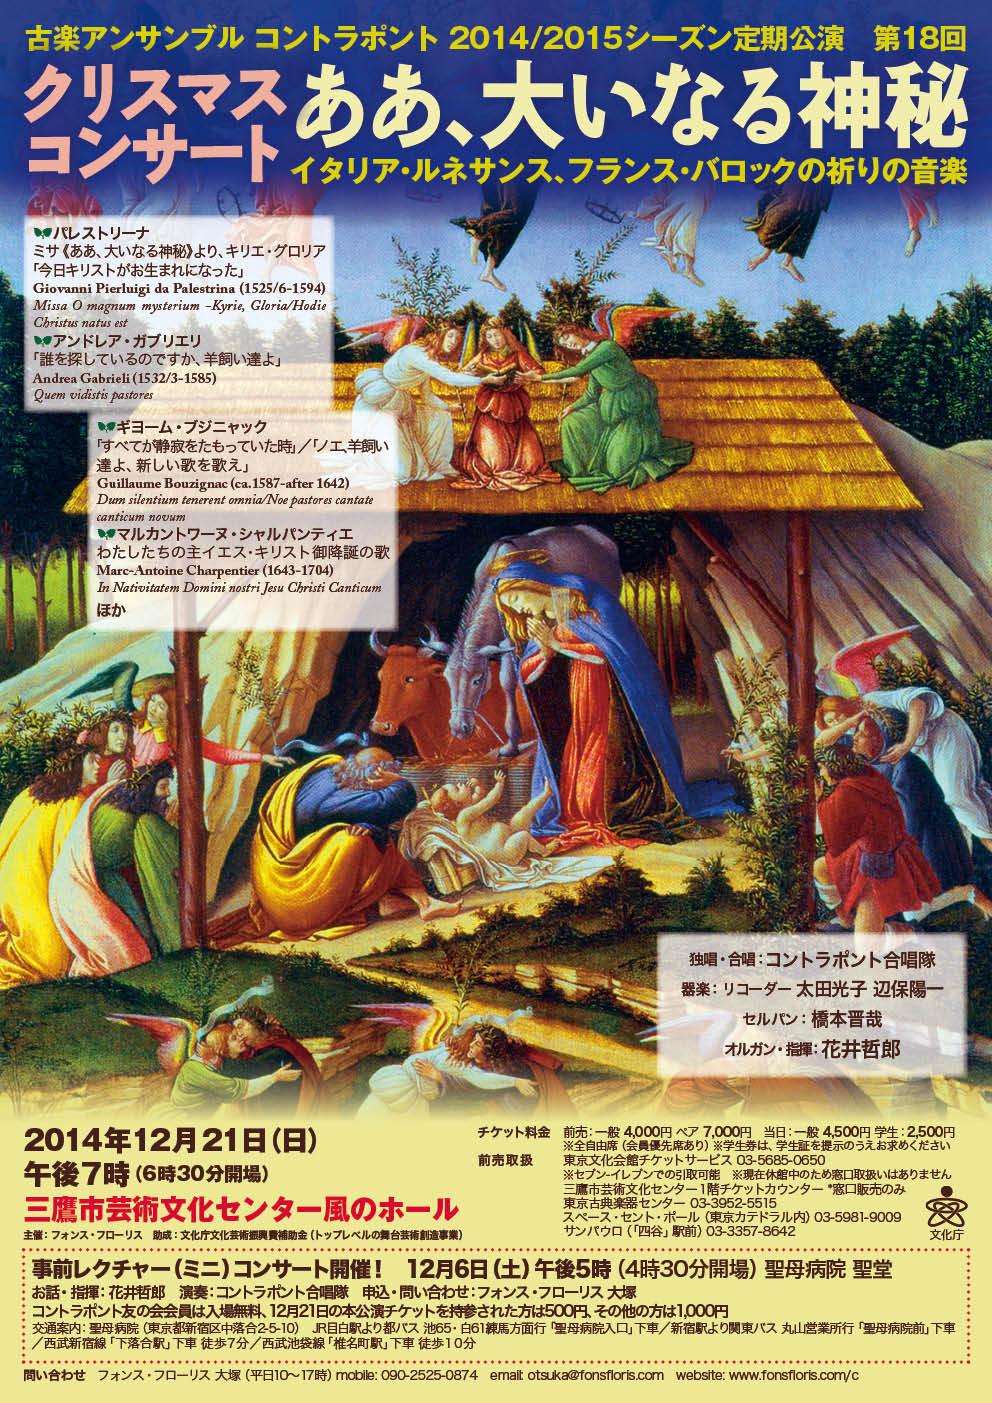 クリスマスコンサート「ああ、大いなる神秘」 2014年12月21日コントラポント_c0067238_23443506.jpg